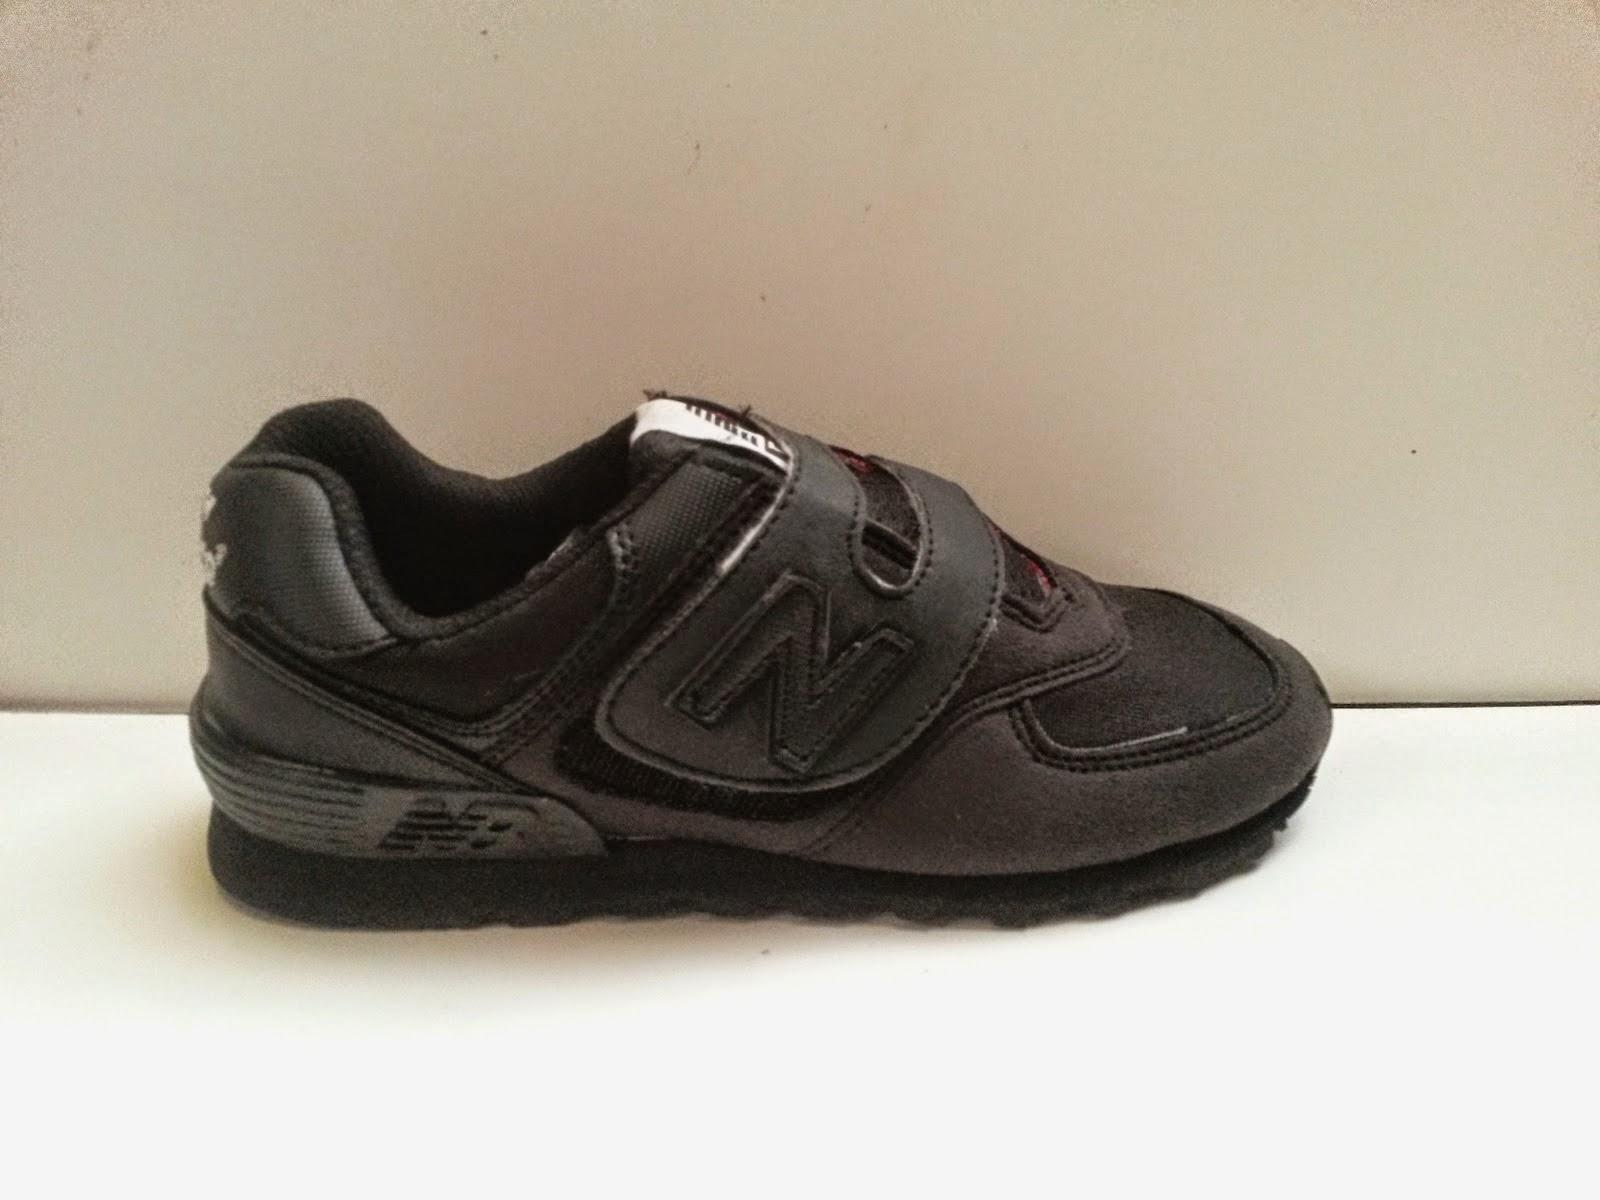 Sepatu Anak Murah New Balance